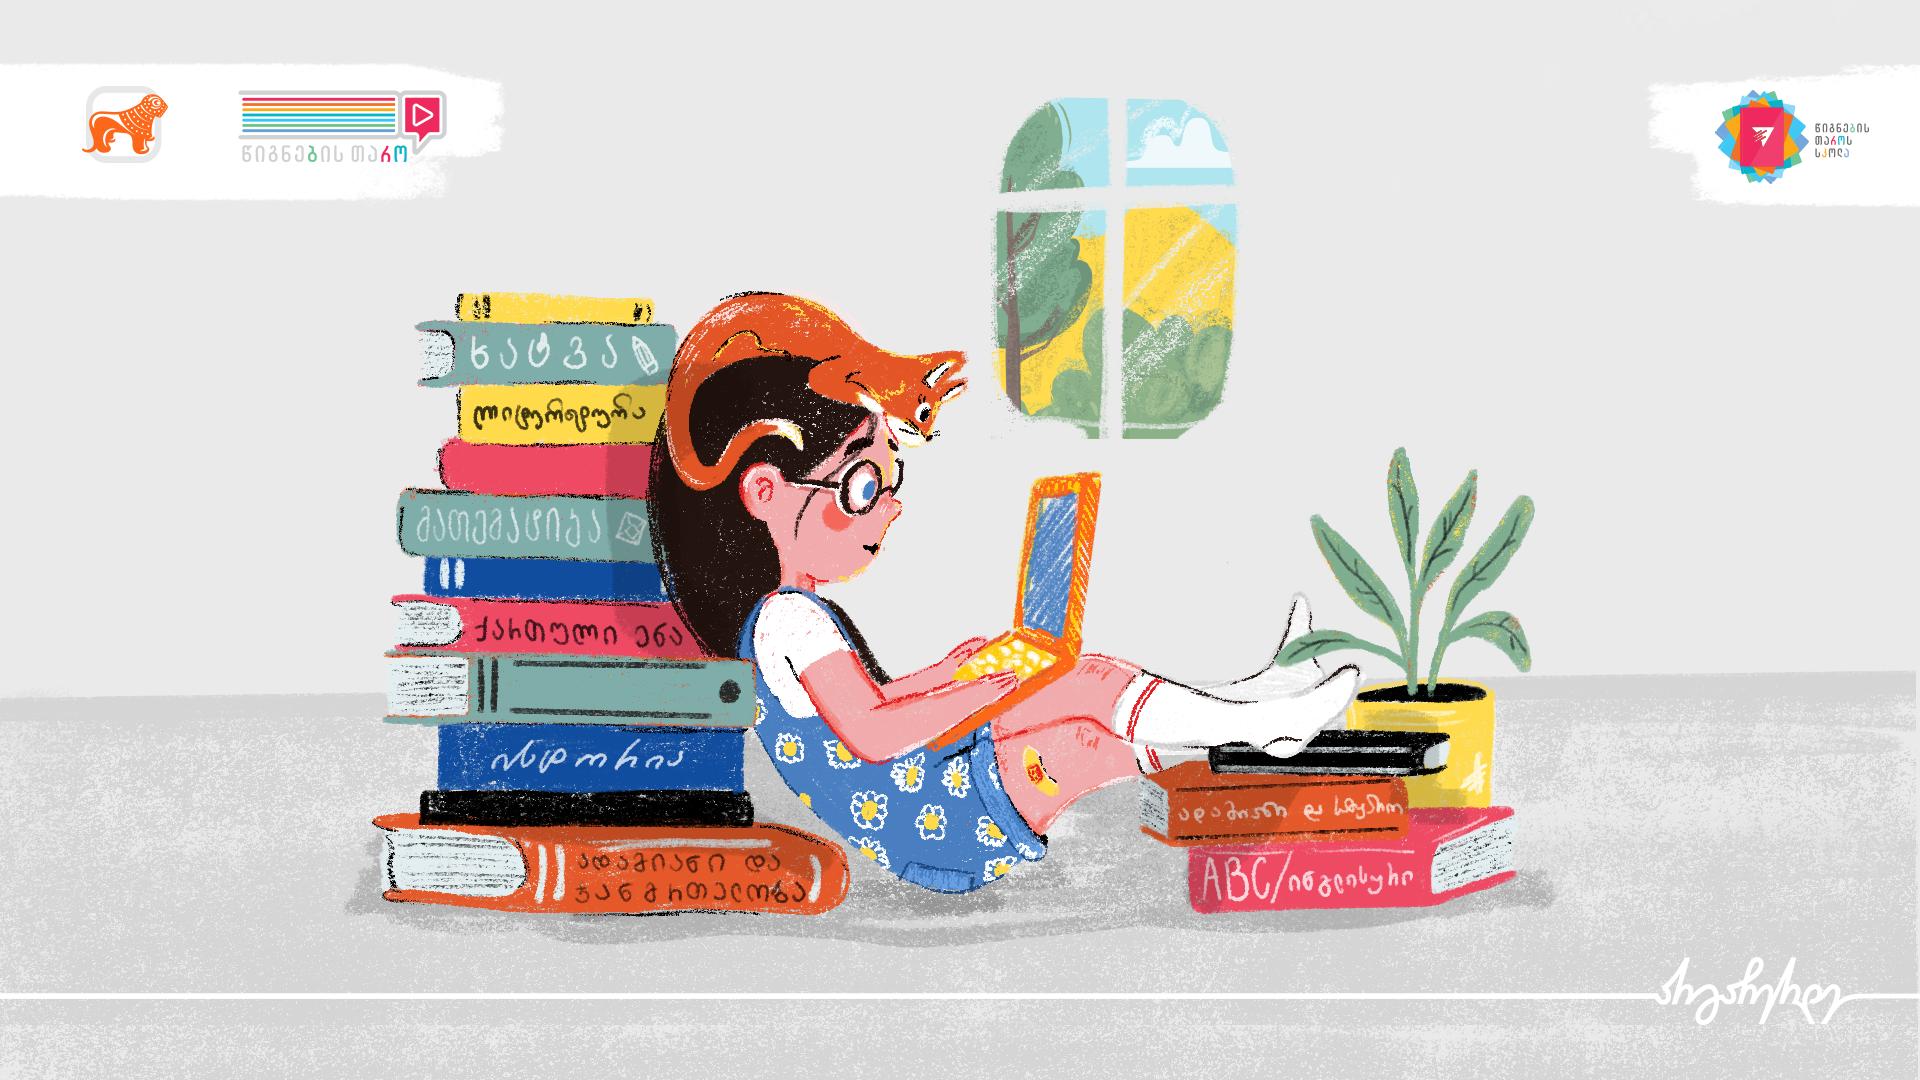 """საქართველოს ბანკისა და """"წიგნების თაროს სკოლის"""" პარტნიორობა გრძელდება"""